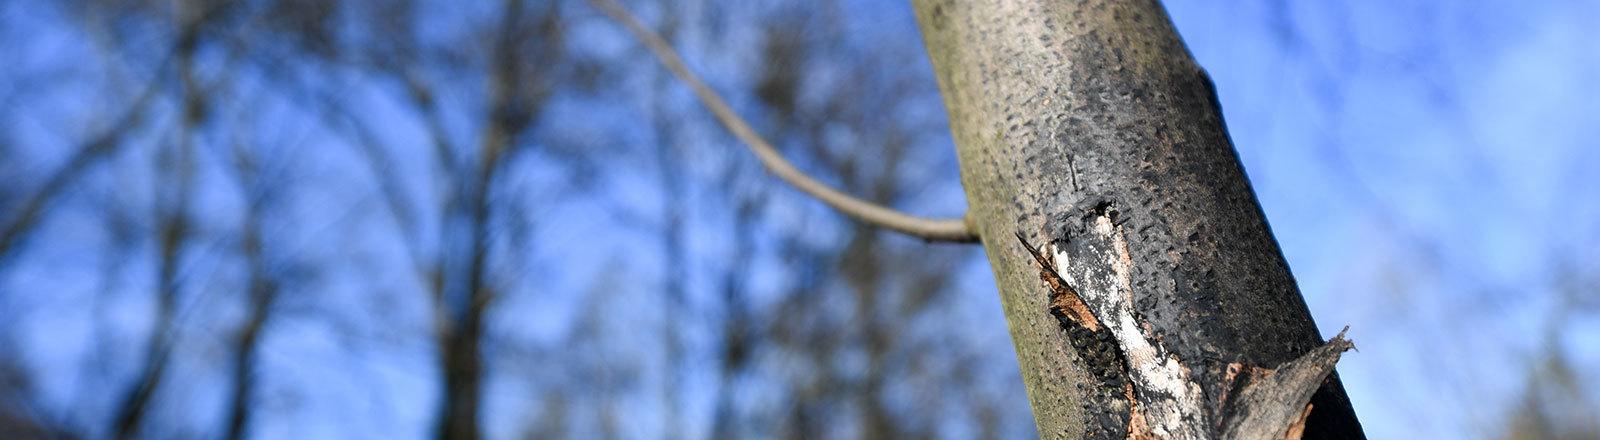 Schwarze Rinde an einem Baum